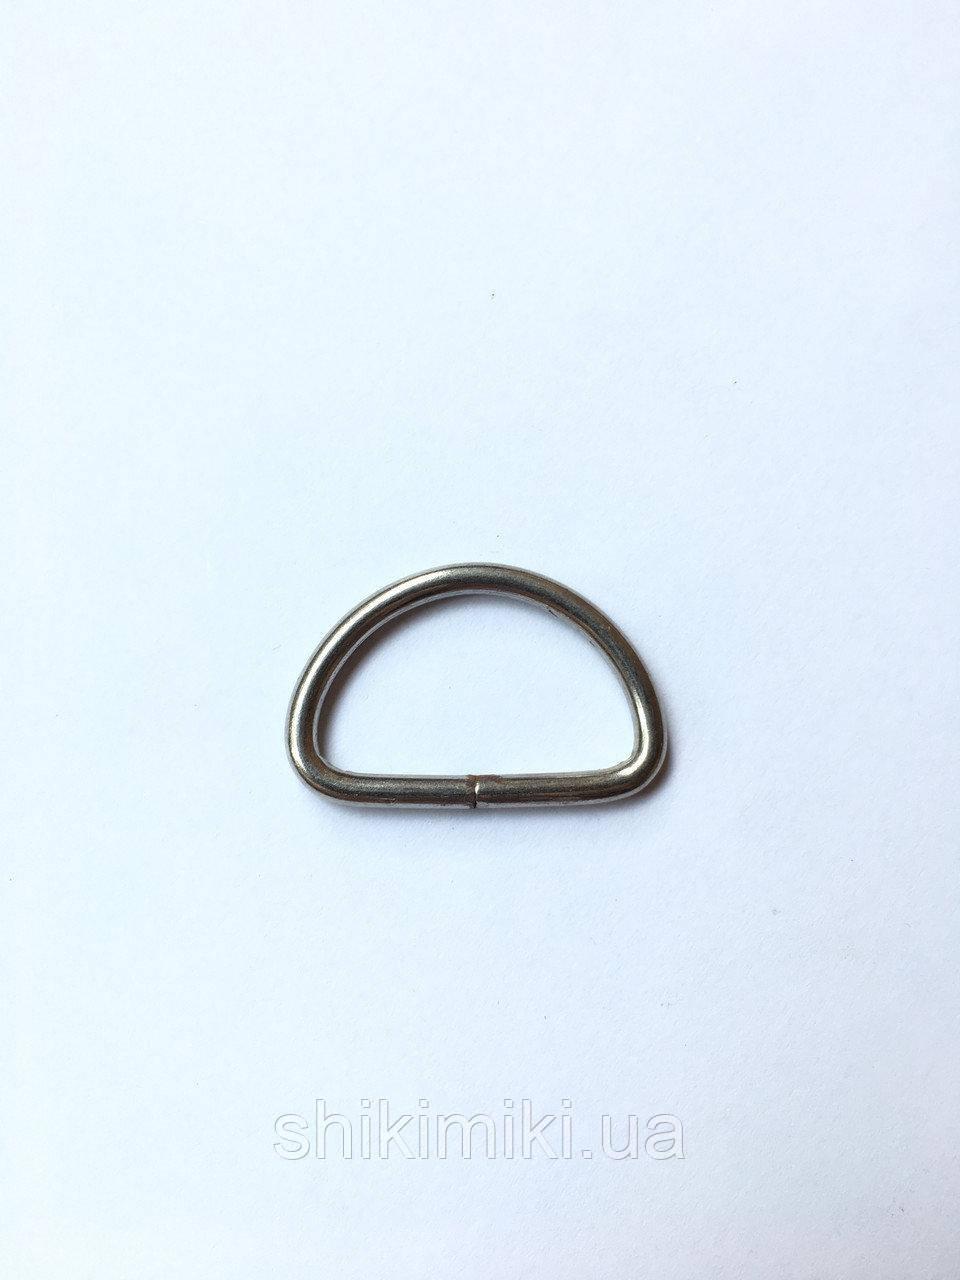 Полукольцо для сумки PK11-1 (25 мм), цвет никель